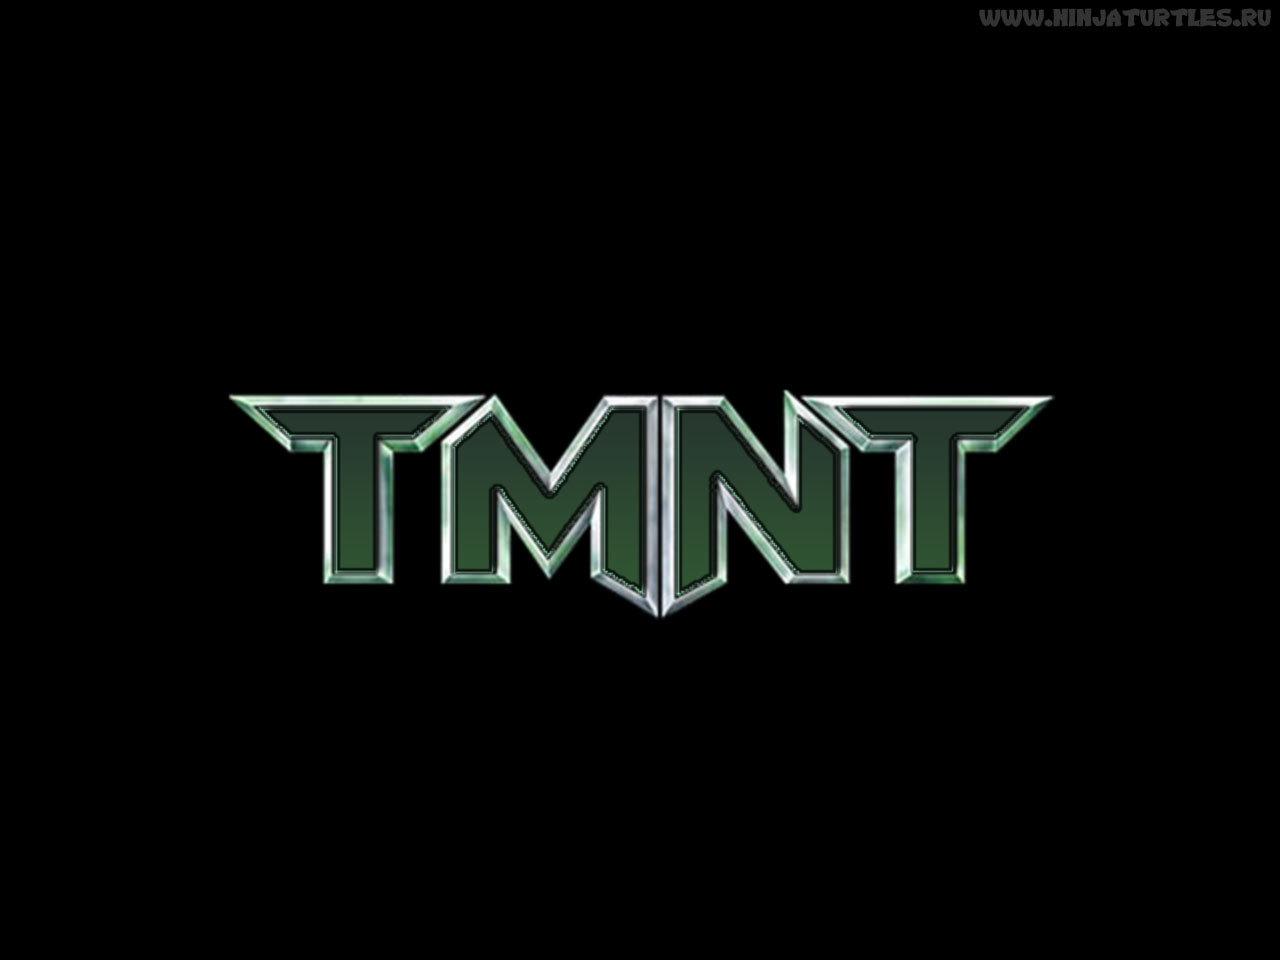 12144 скачать обои Фон, Логотипы, Черепашки Ниндзя (Tmnt) - заставки и картинки бесплатно